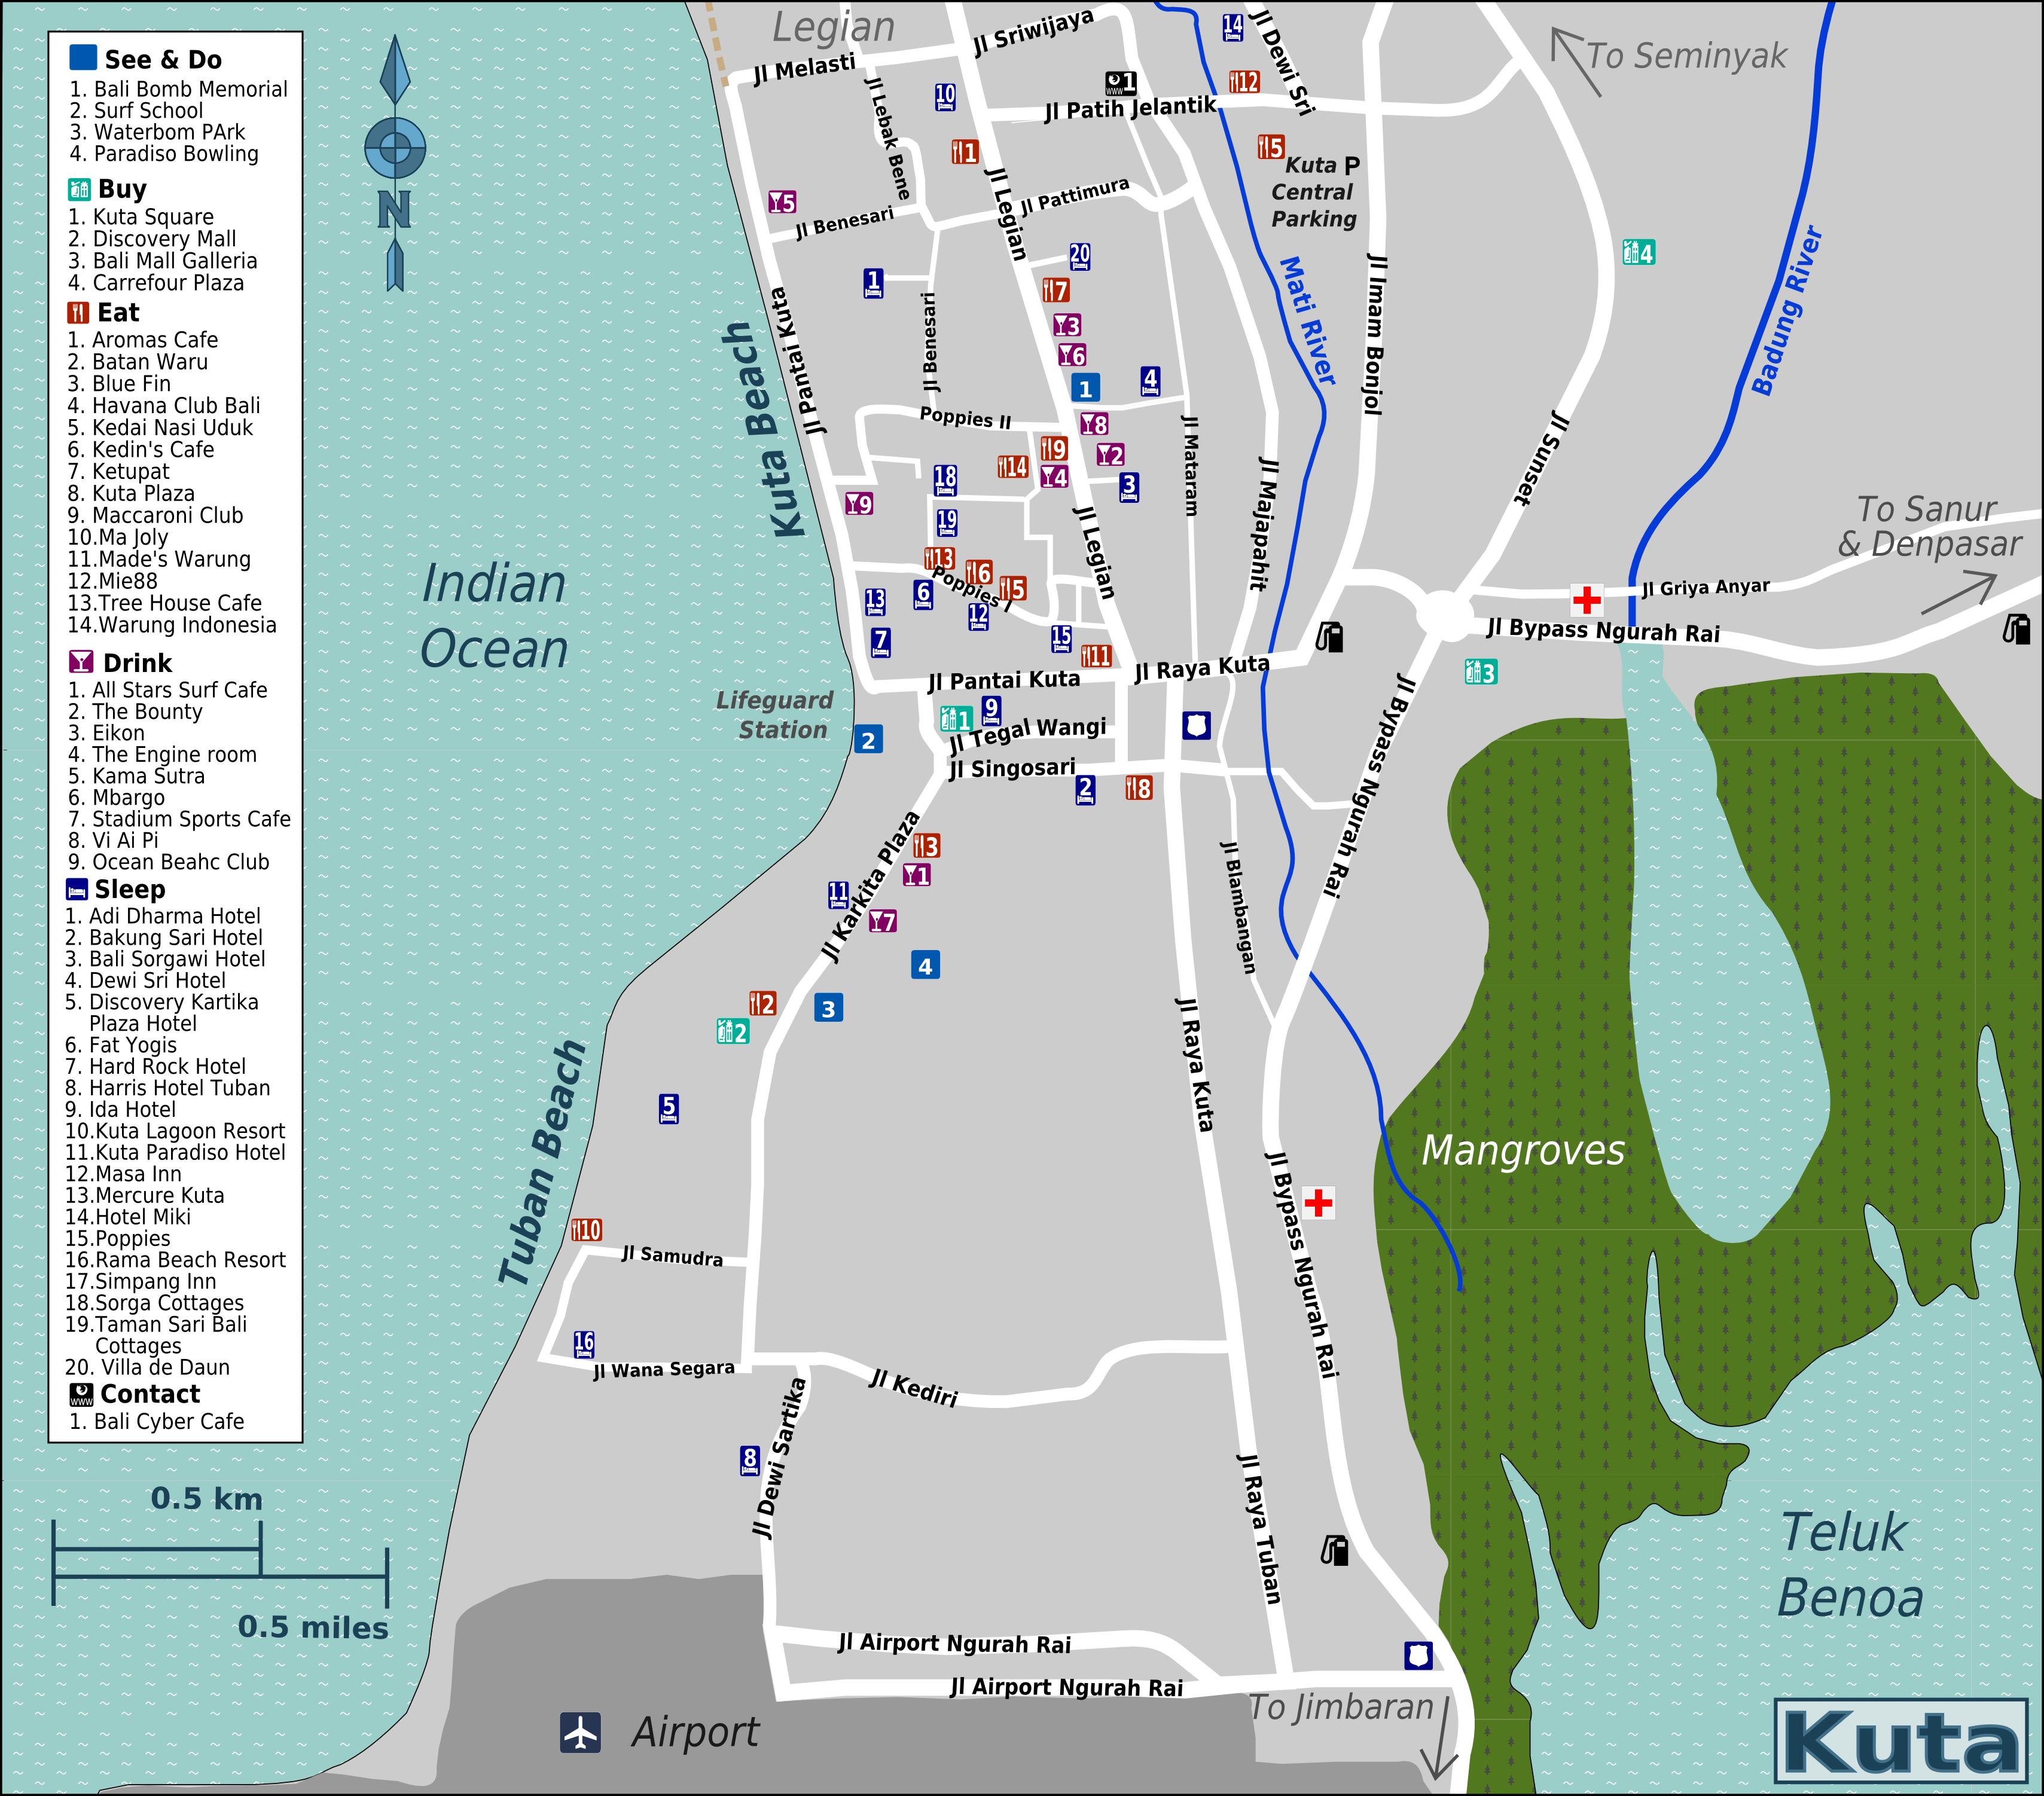 Kaartje van Kuta, 45 minuten vanaf het appartement in Sanur op Bali